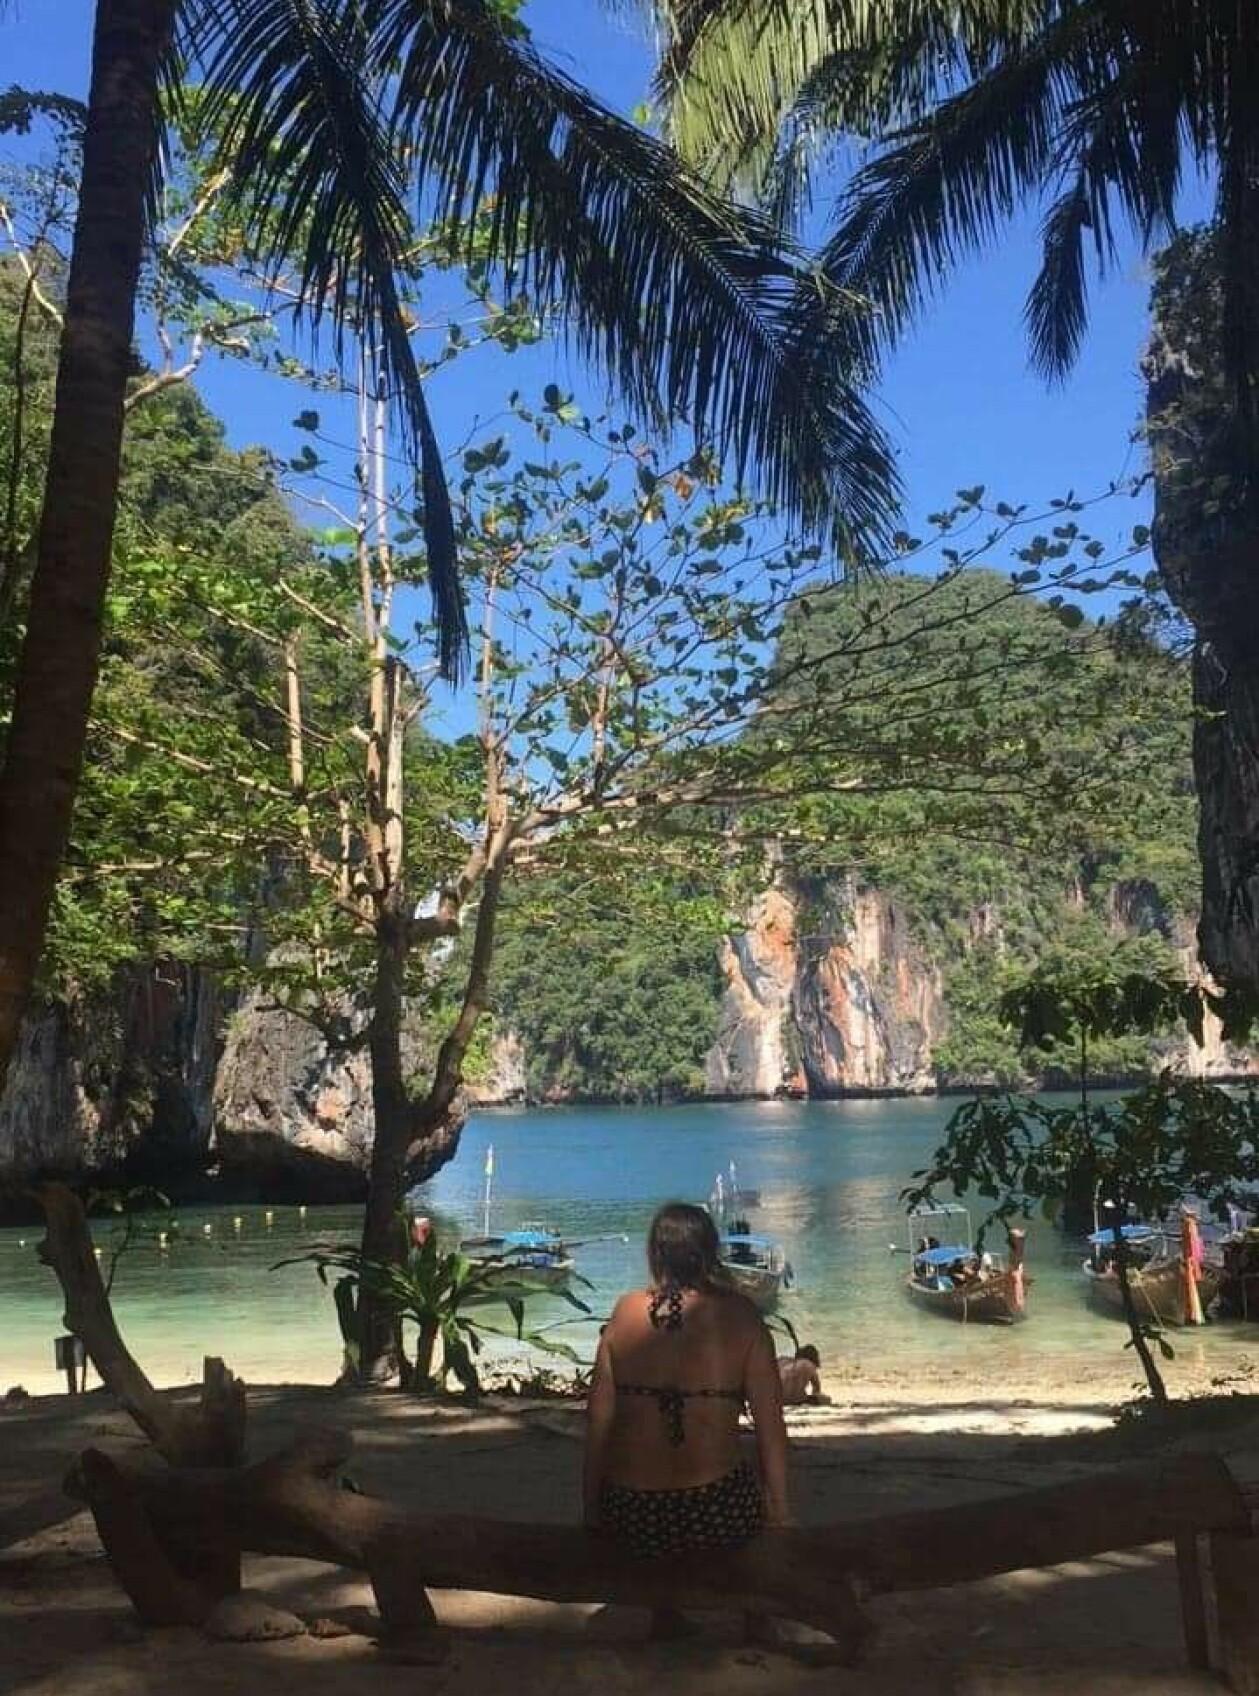 Susanne Bohlin på en Thailändsk strand med palmer, blå himmel och klippor.